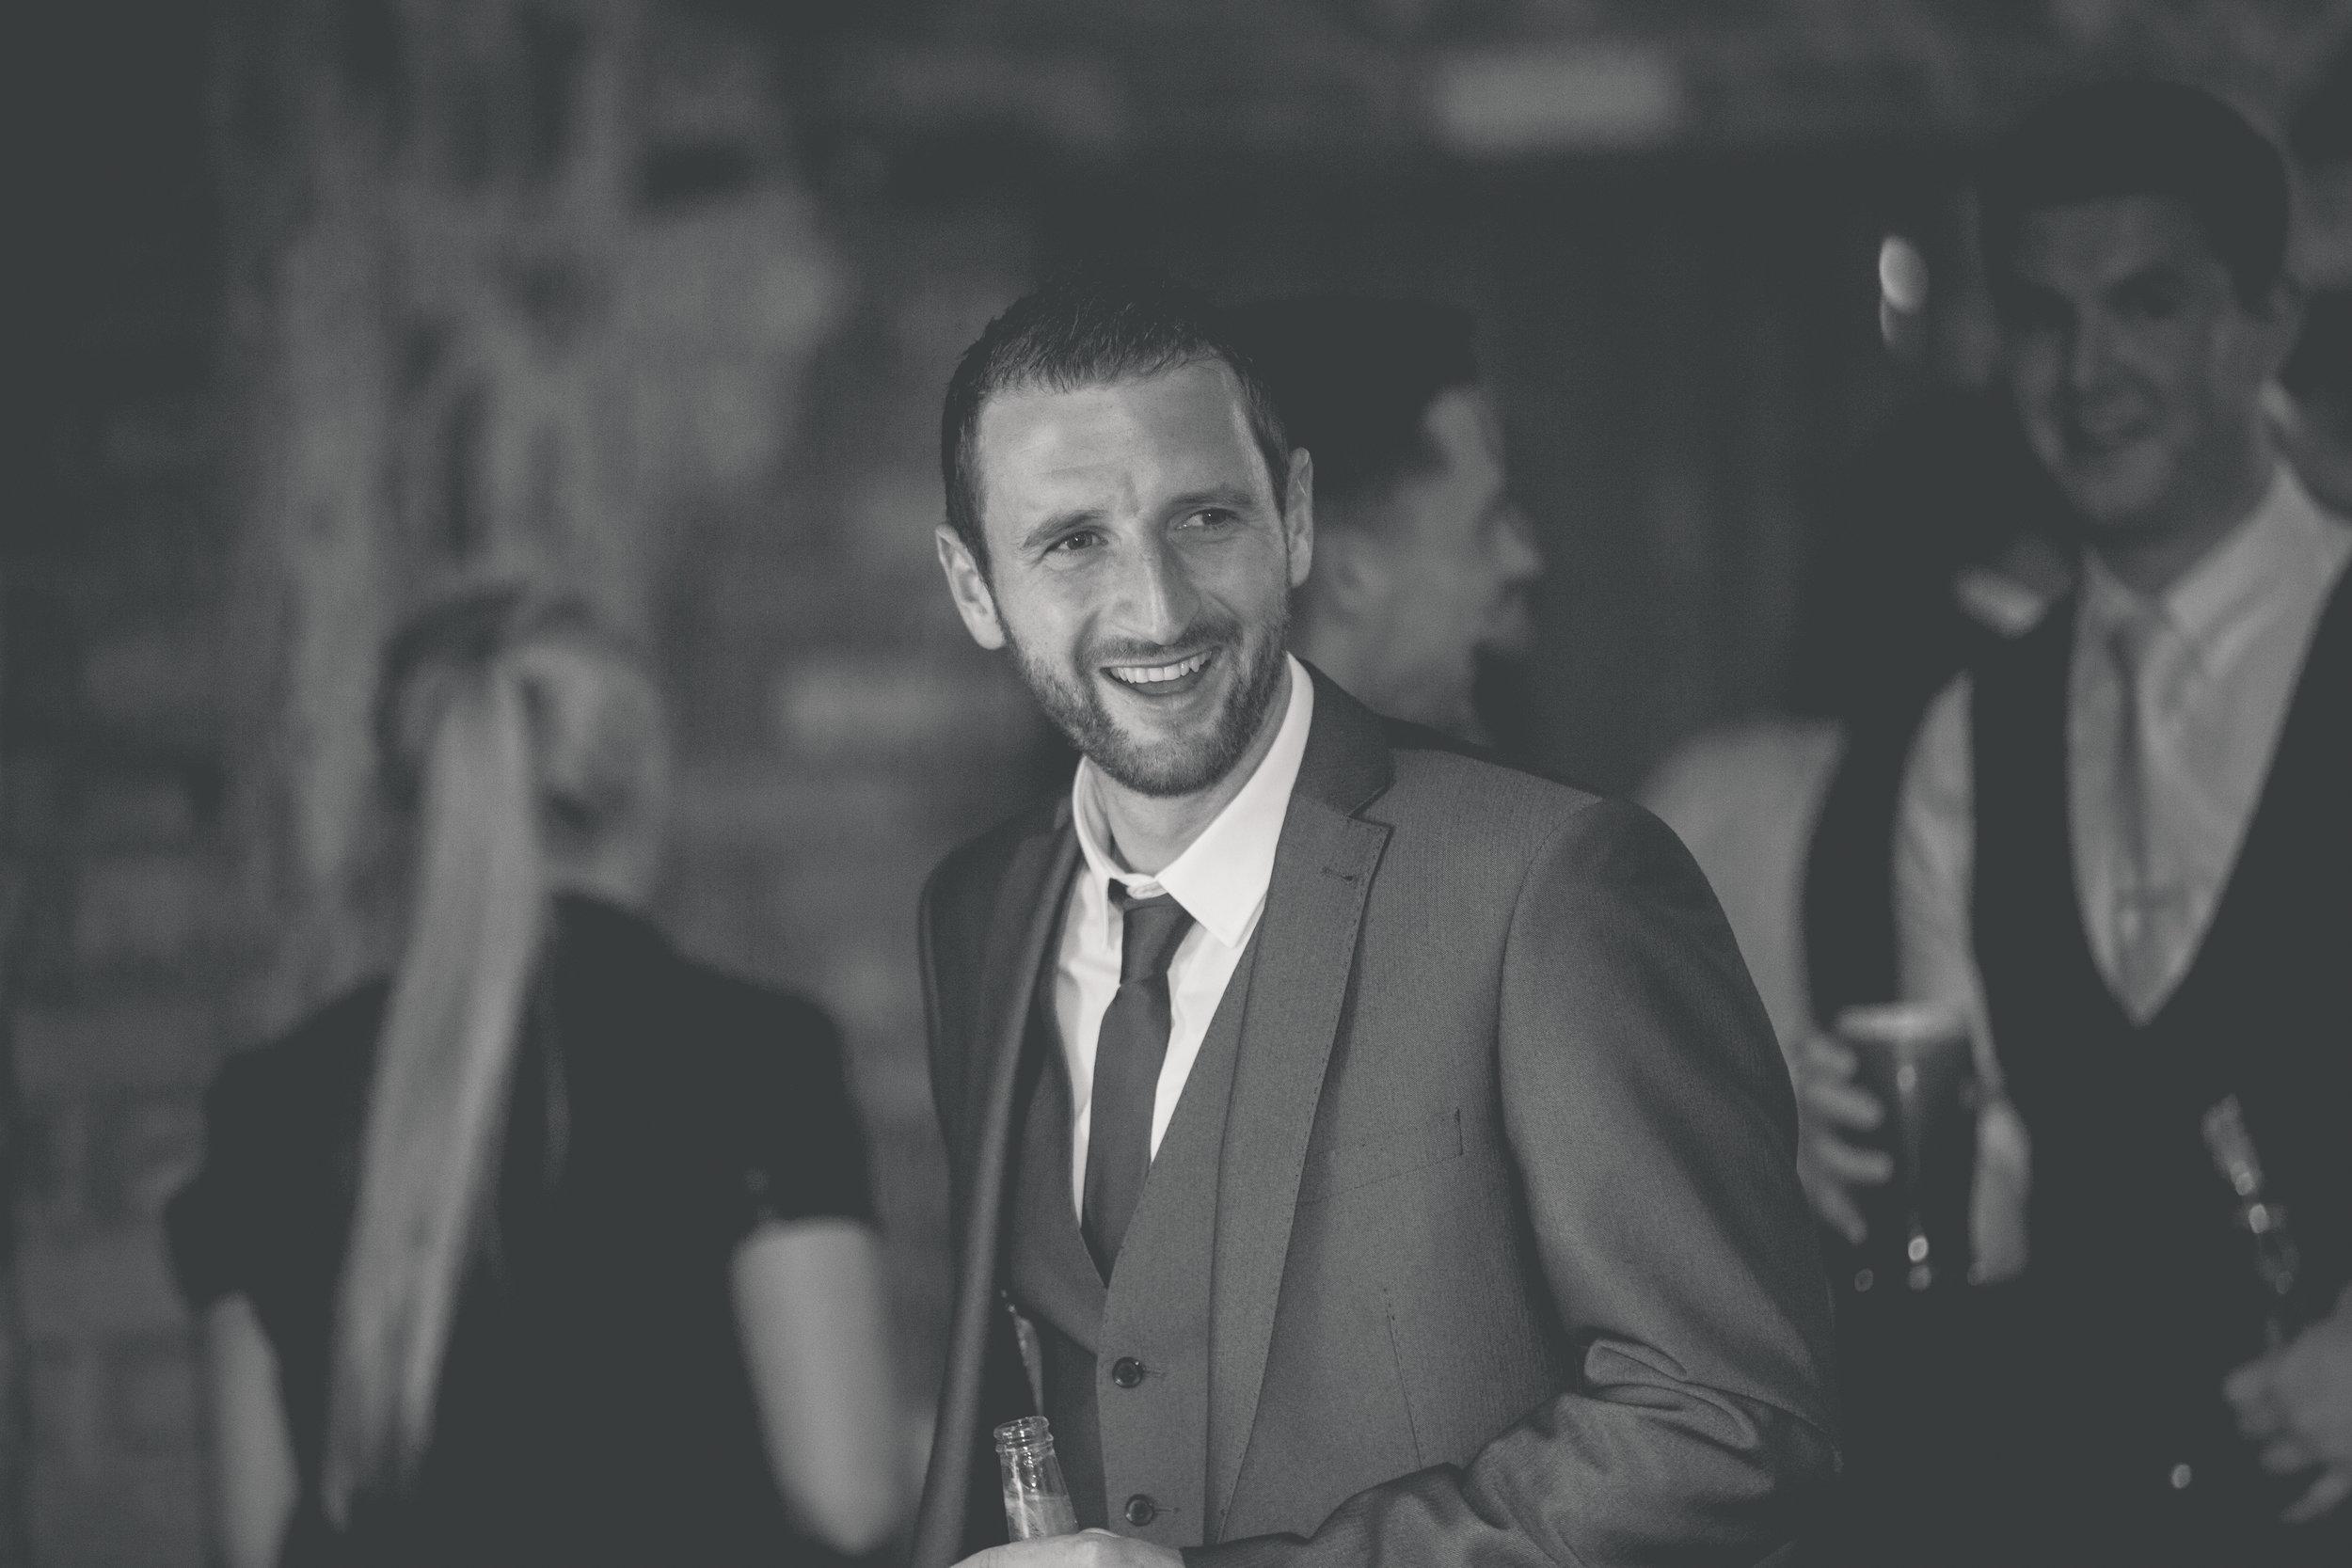 Brian McEwan Wedding Photography | Carol-Anne & Sean | The Speeches-32.jpg